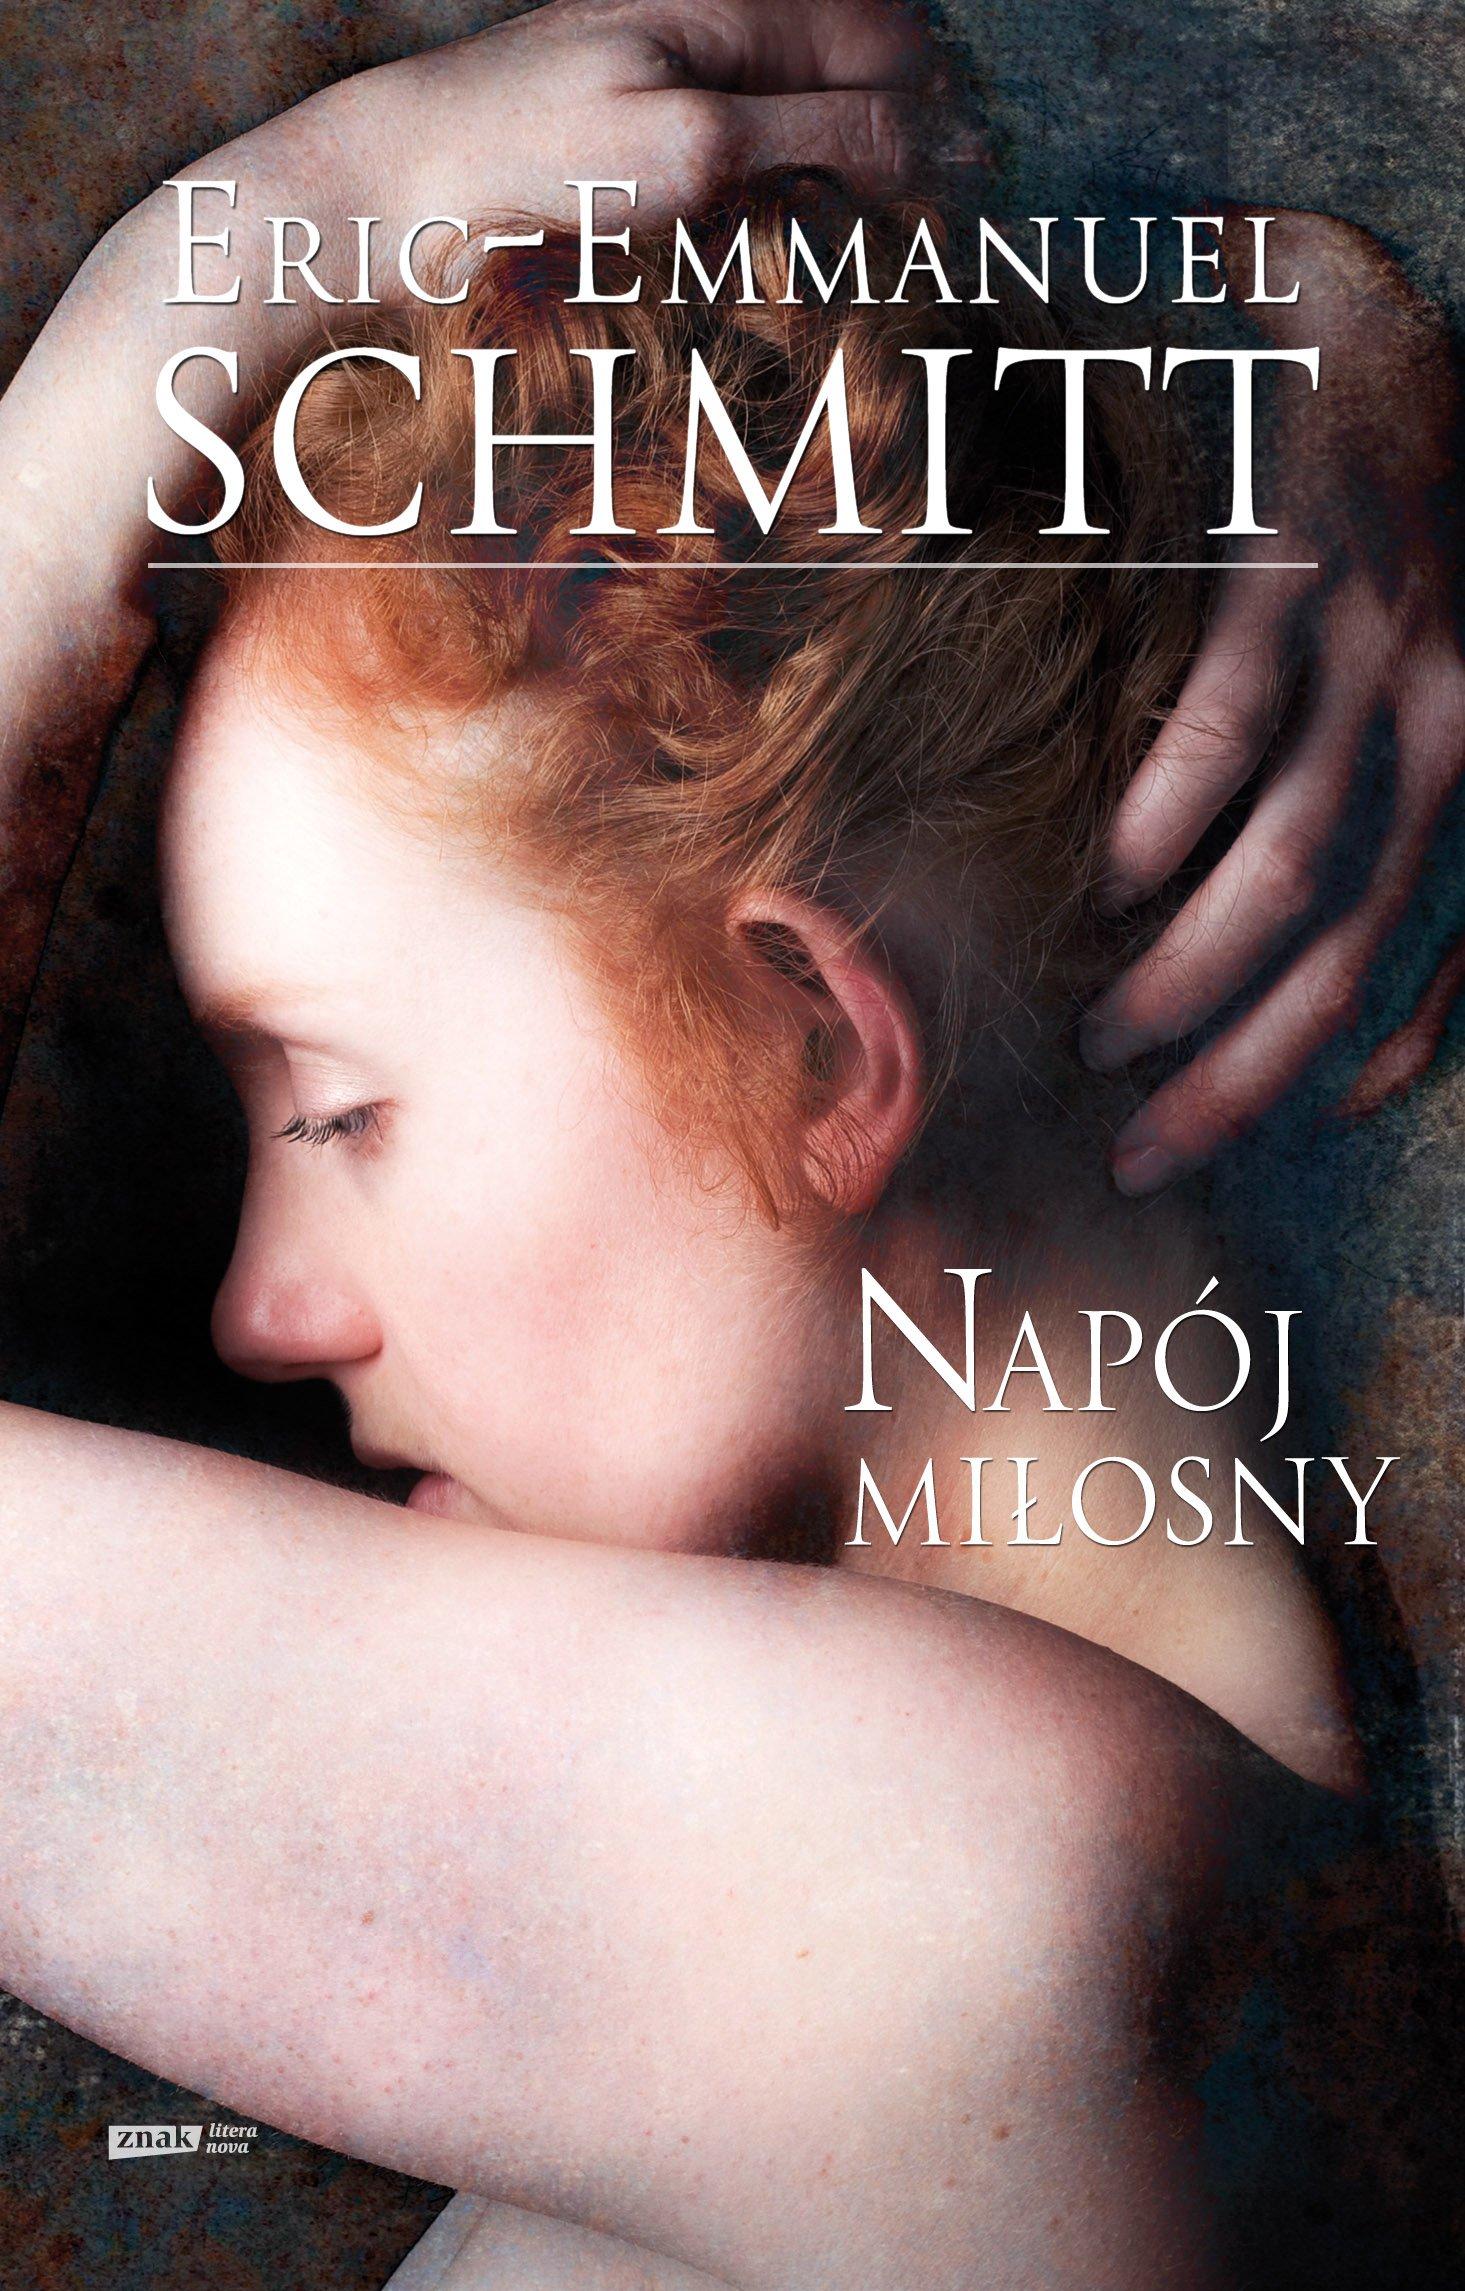 Napoj Milosny Amazon Fr Eric Emmanuel Schmitt Livres